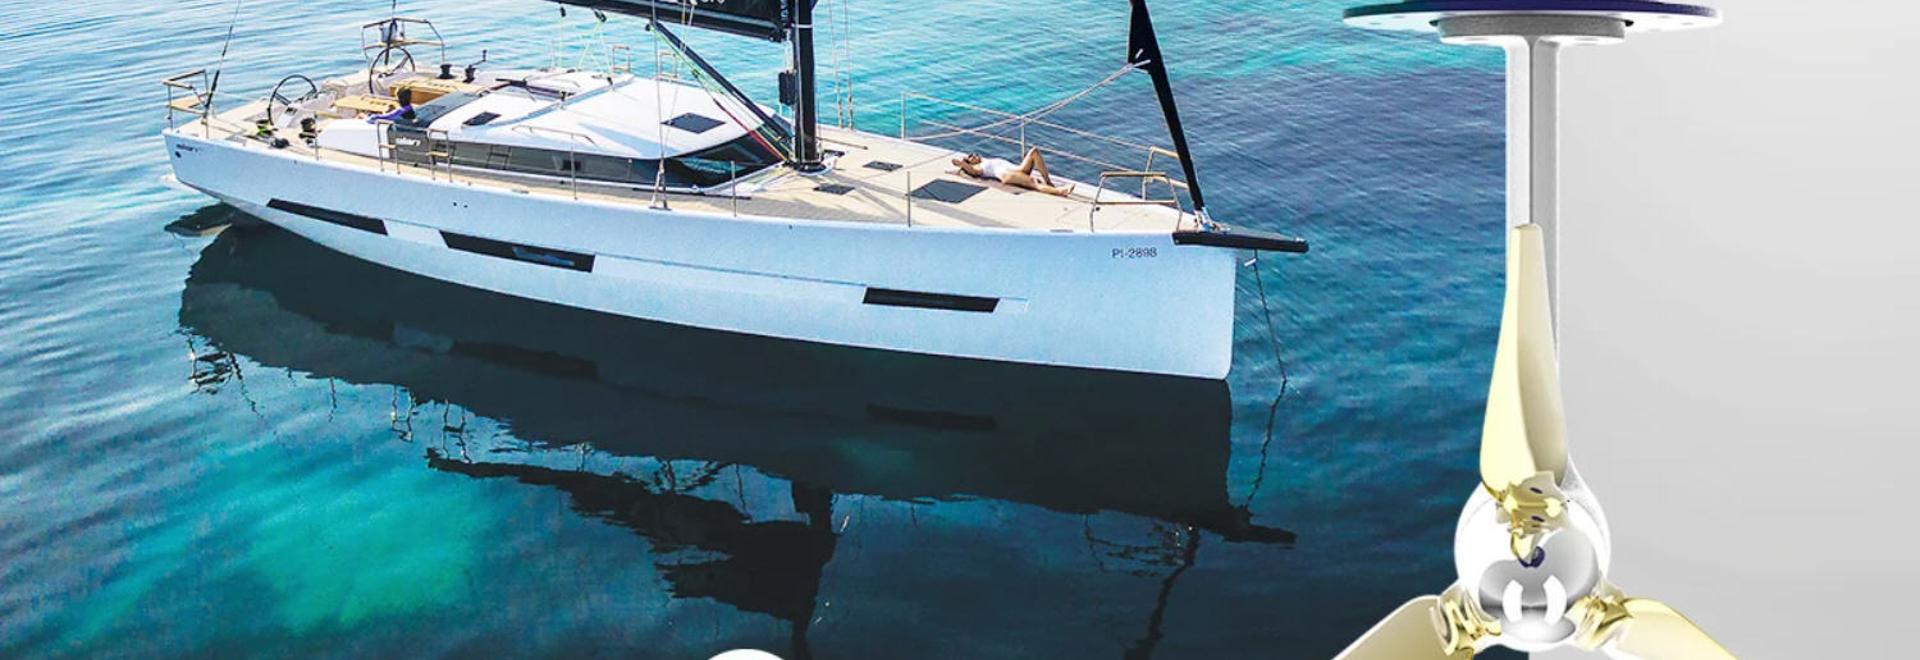 Cosa devi sapere prima di comprare una barca a vela elettrica o una barca a vela